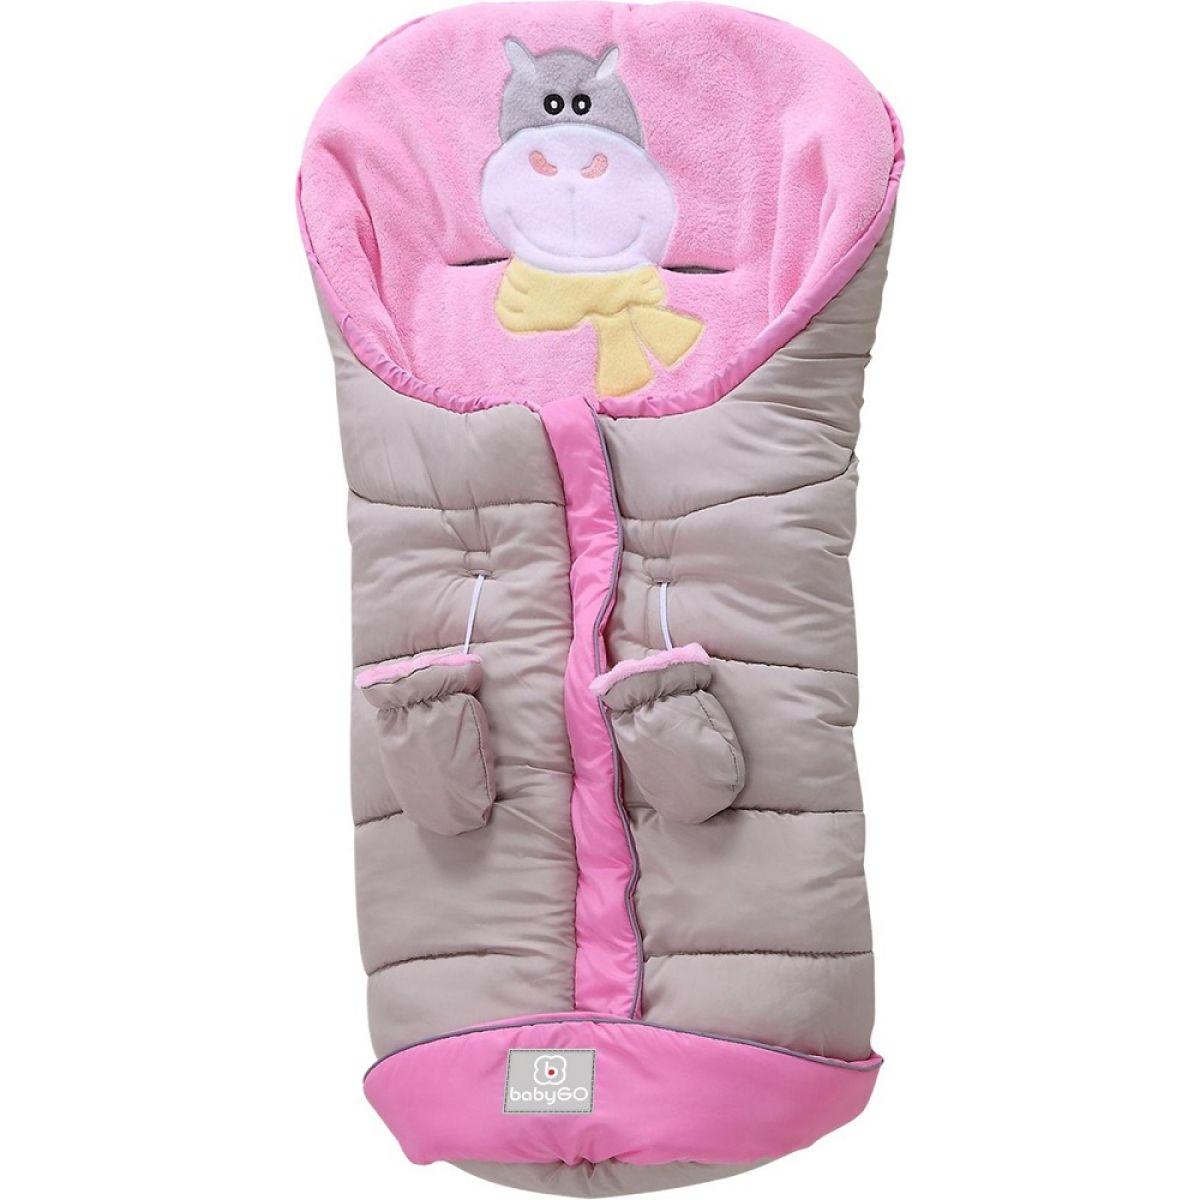 BabyGo fusak Hippo beige pink